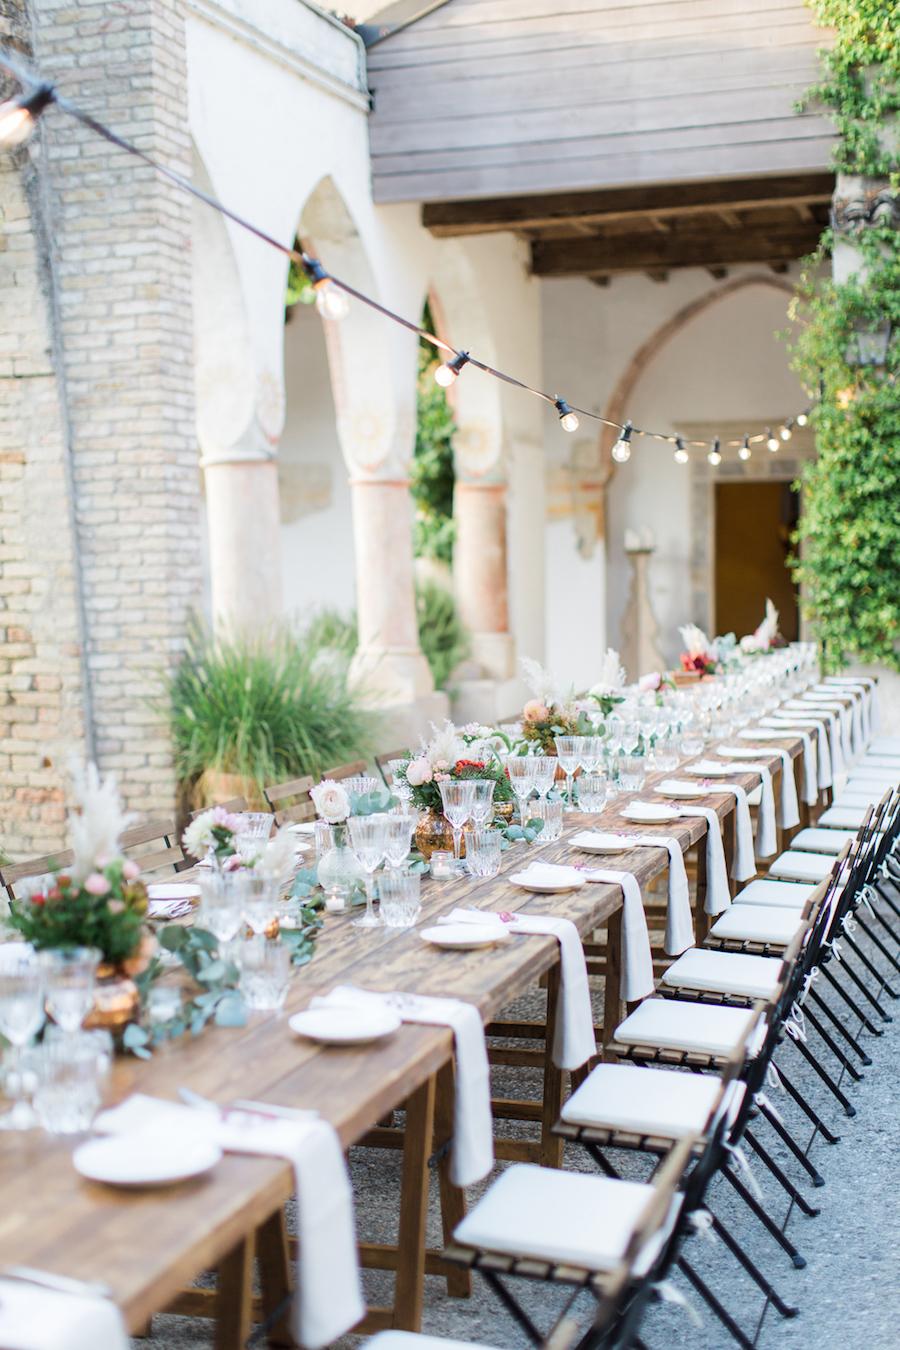 tavolo imperiale matrimonio all'aperto